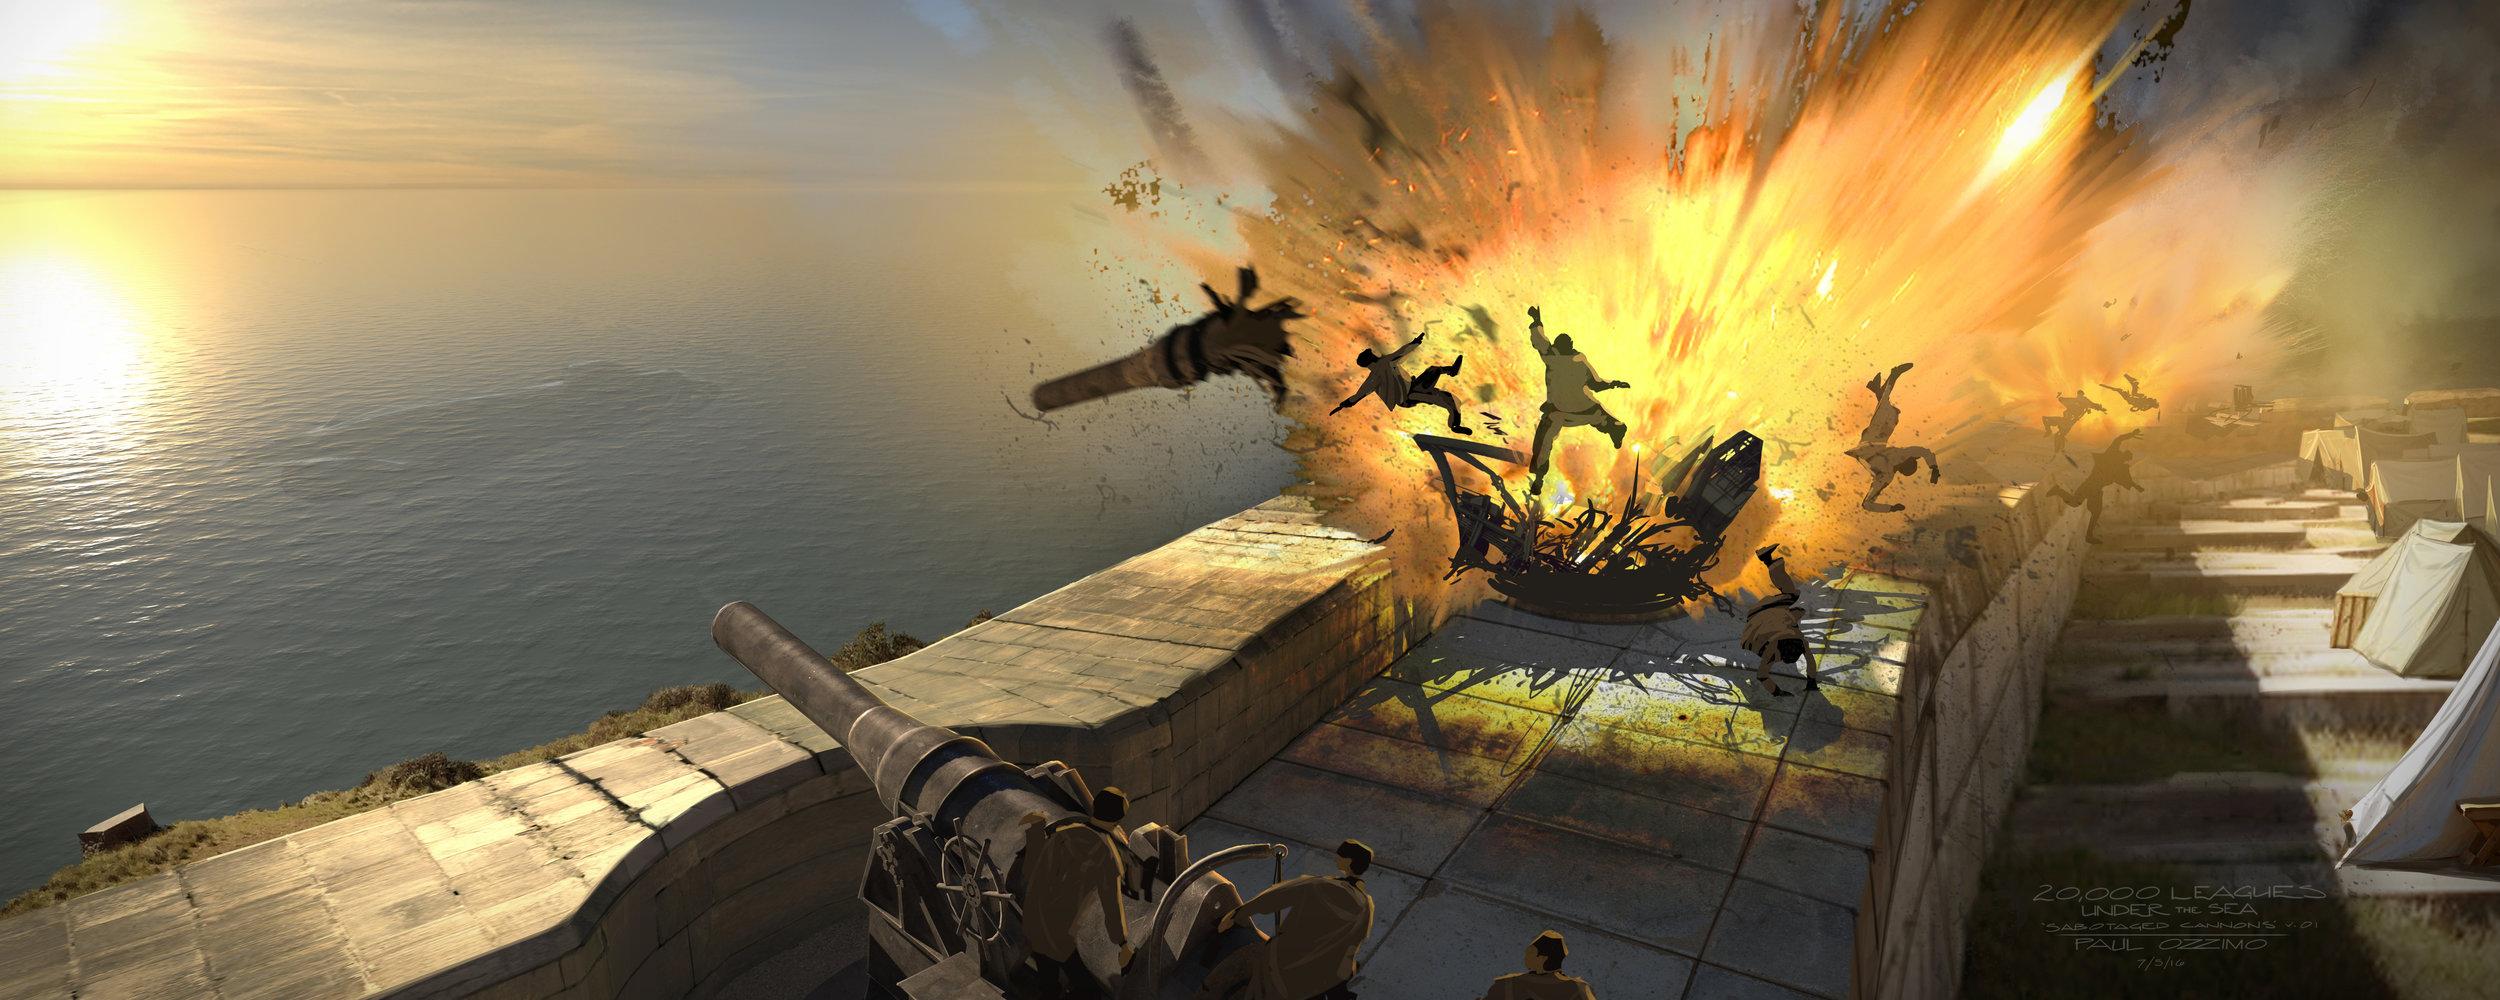 20K_Ext_Cannons_Exploding_v01_070516_PO.jpg